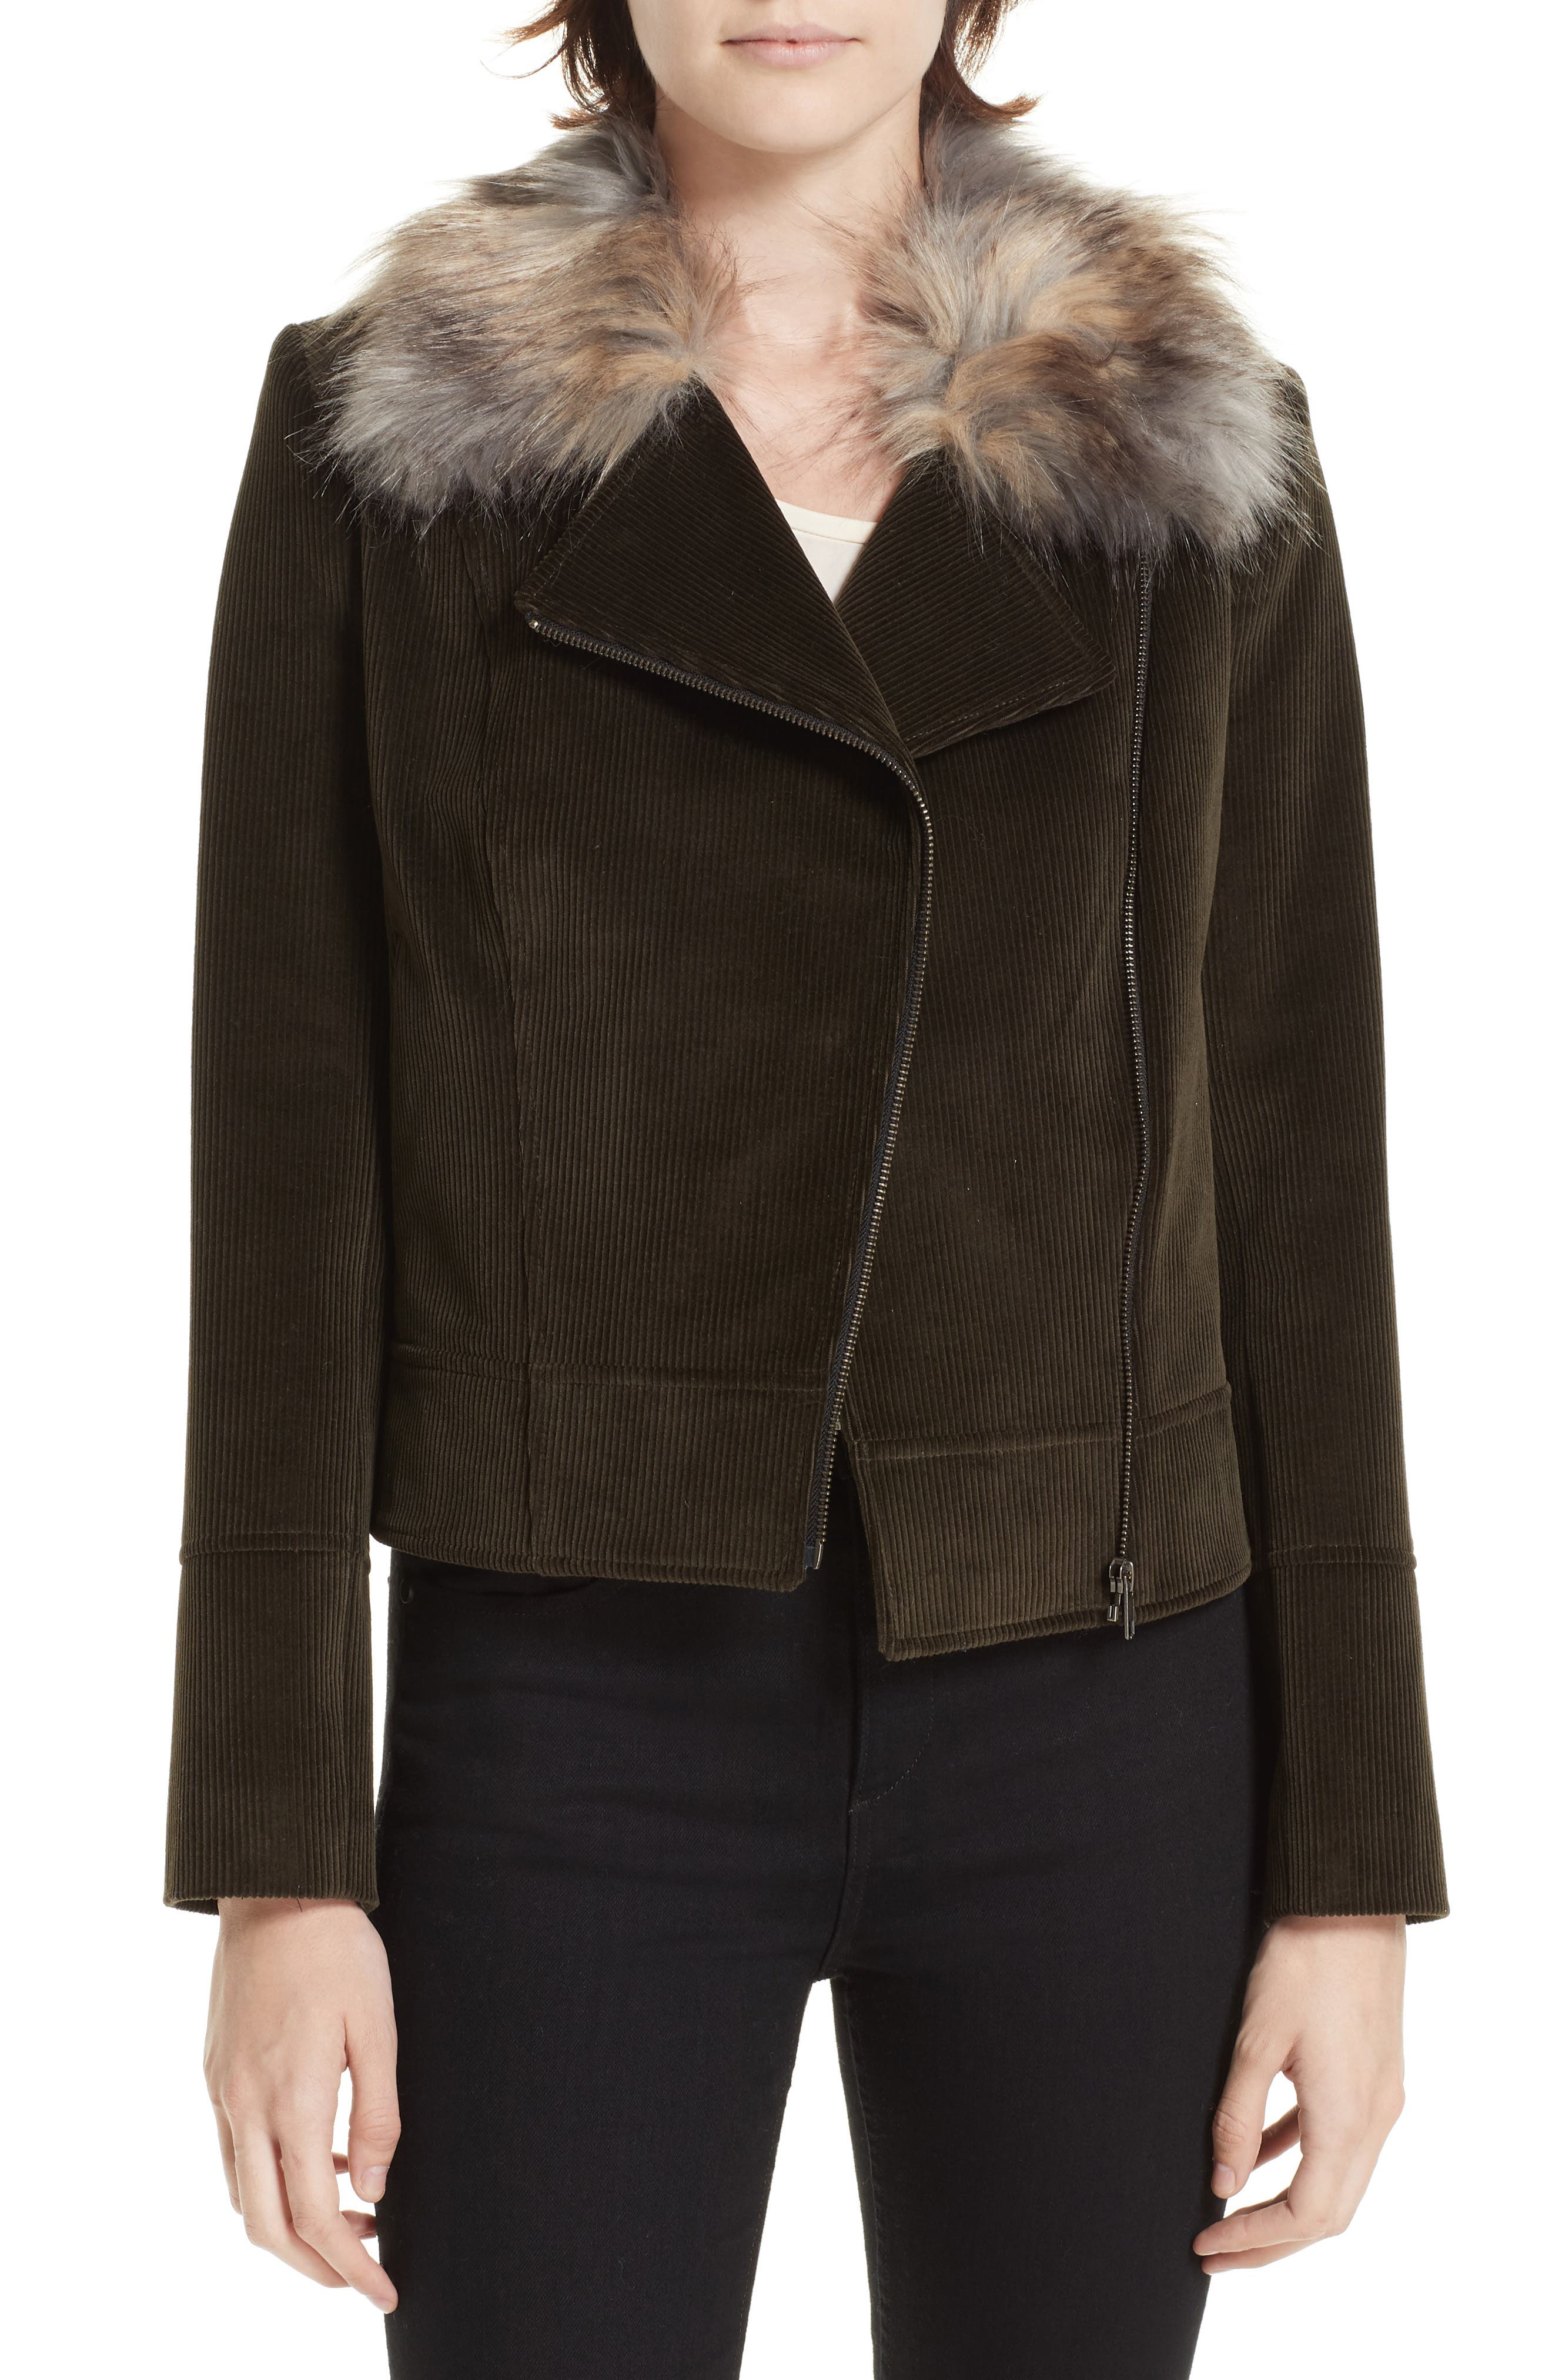 HELENE BERMAN Faux Fur Collar Biker Jacket in Olive Erable